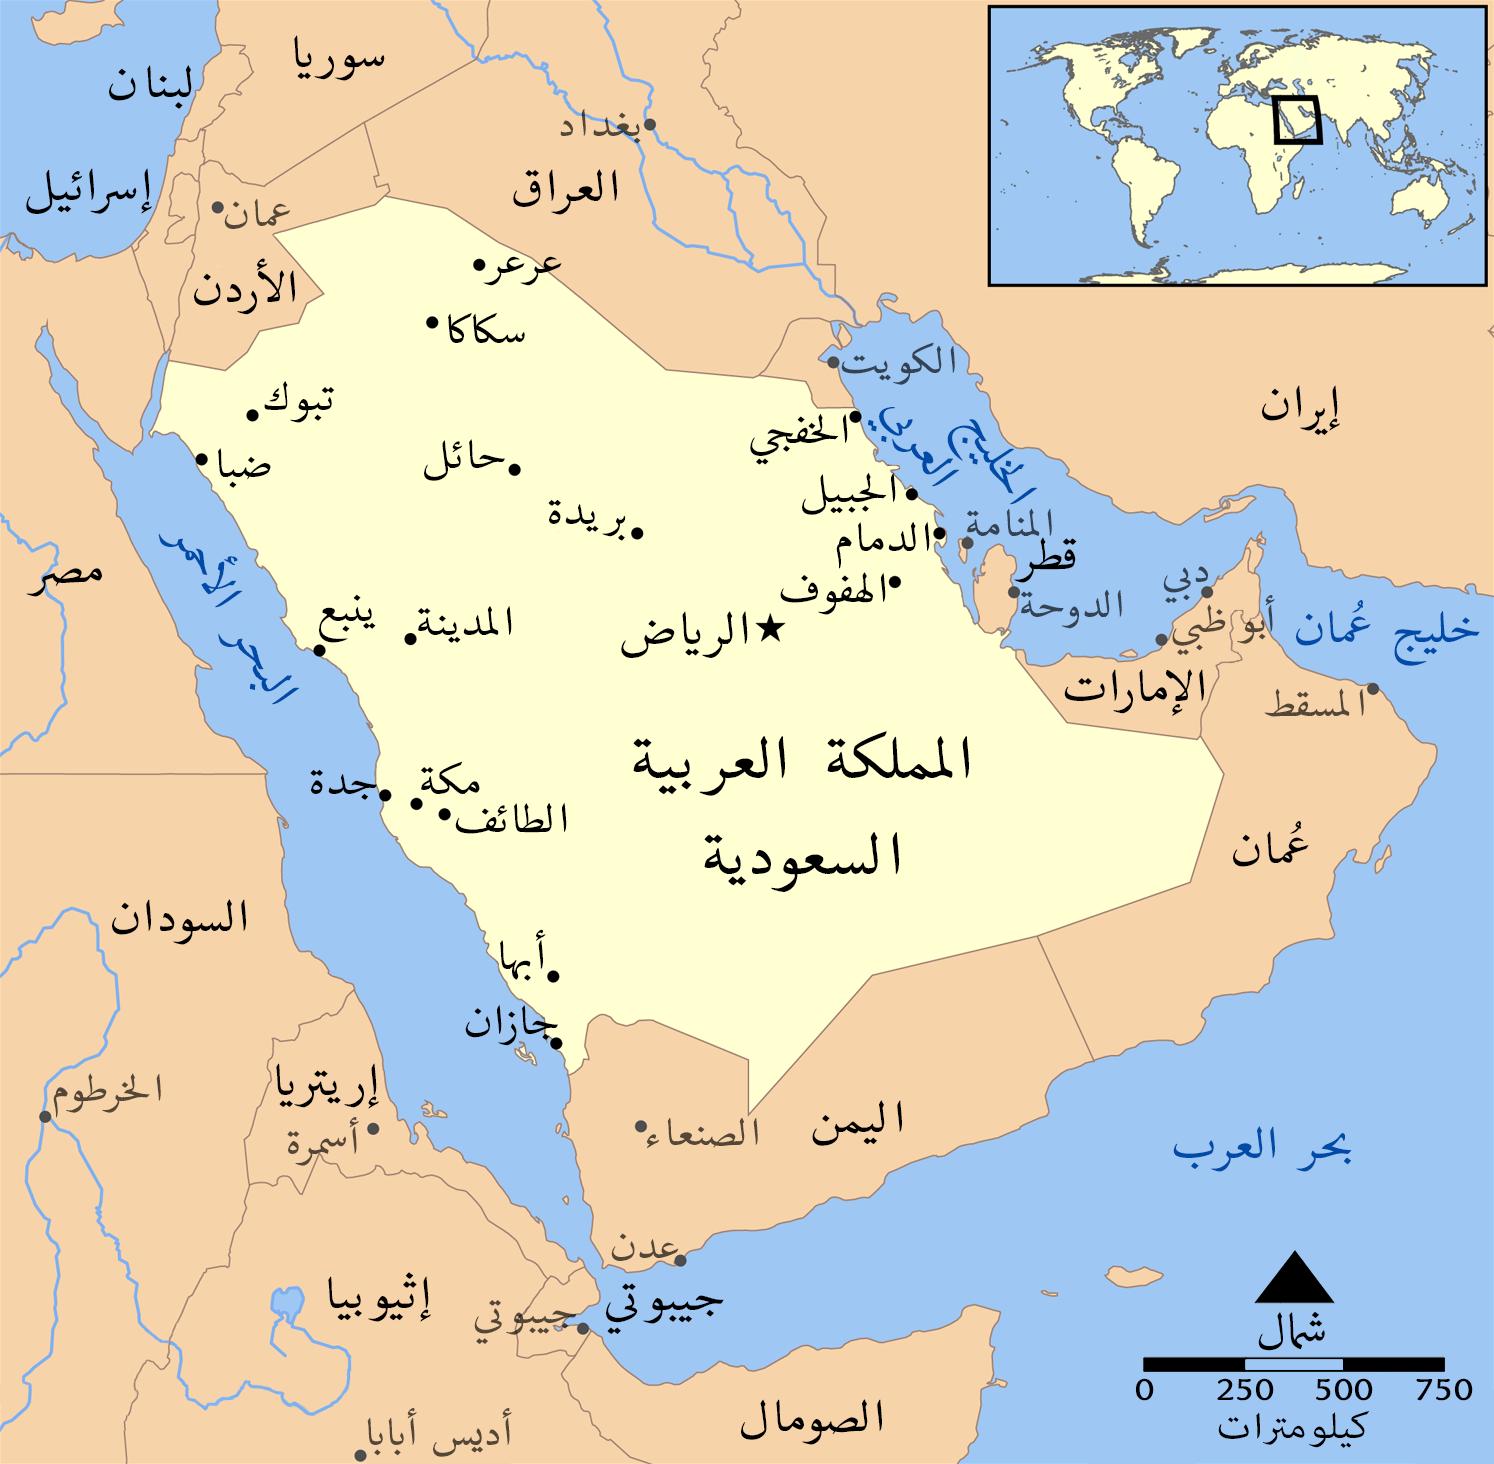 توحيد السعودية ويكيبيديا